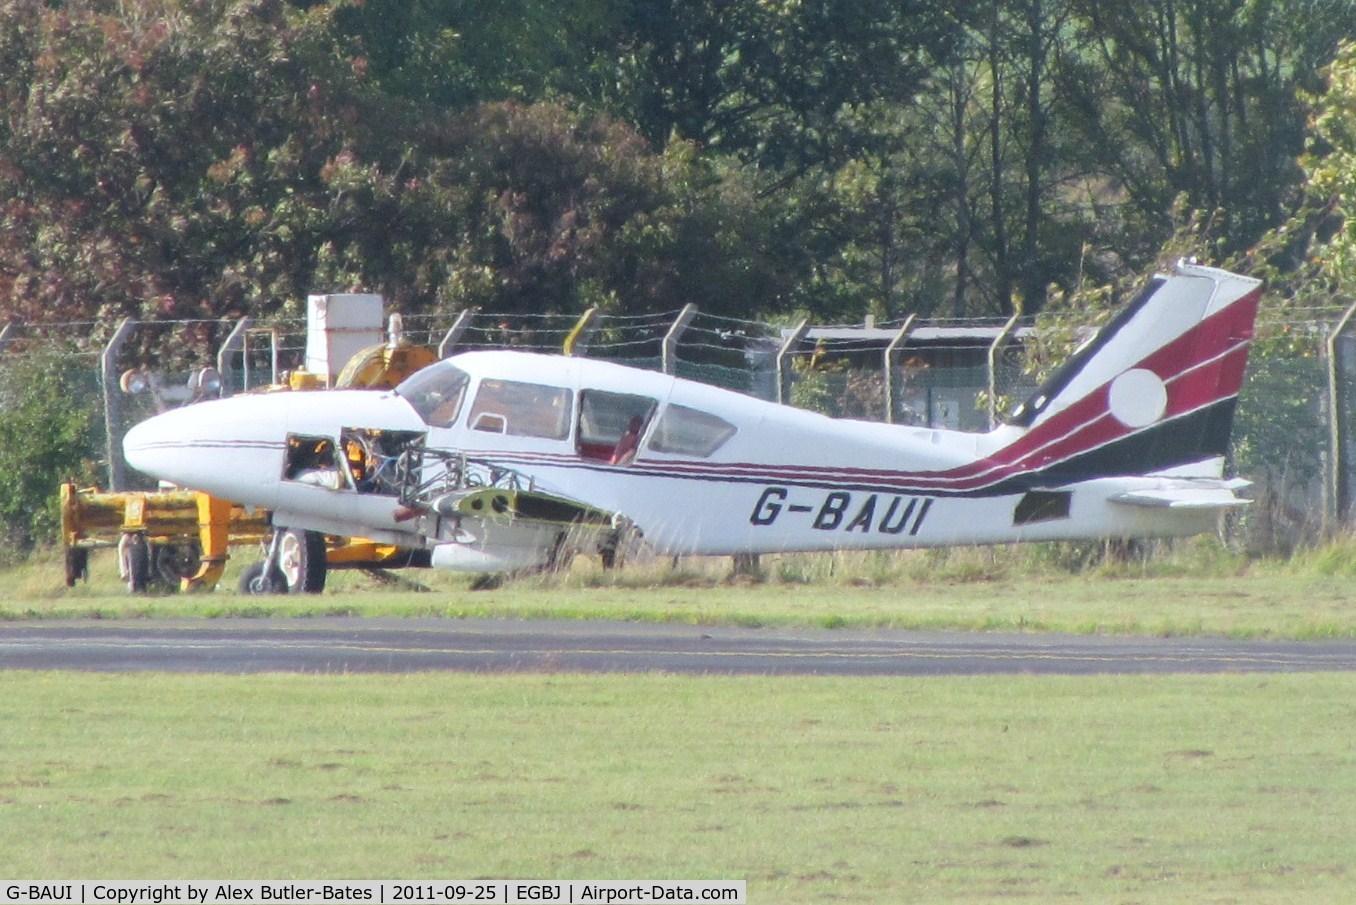 G-BAUI, 1969 Piper PA-23-250 Aztec C/N 27-4335,